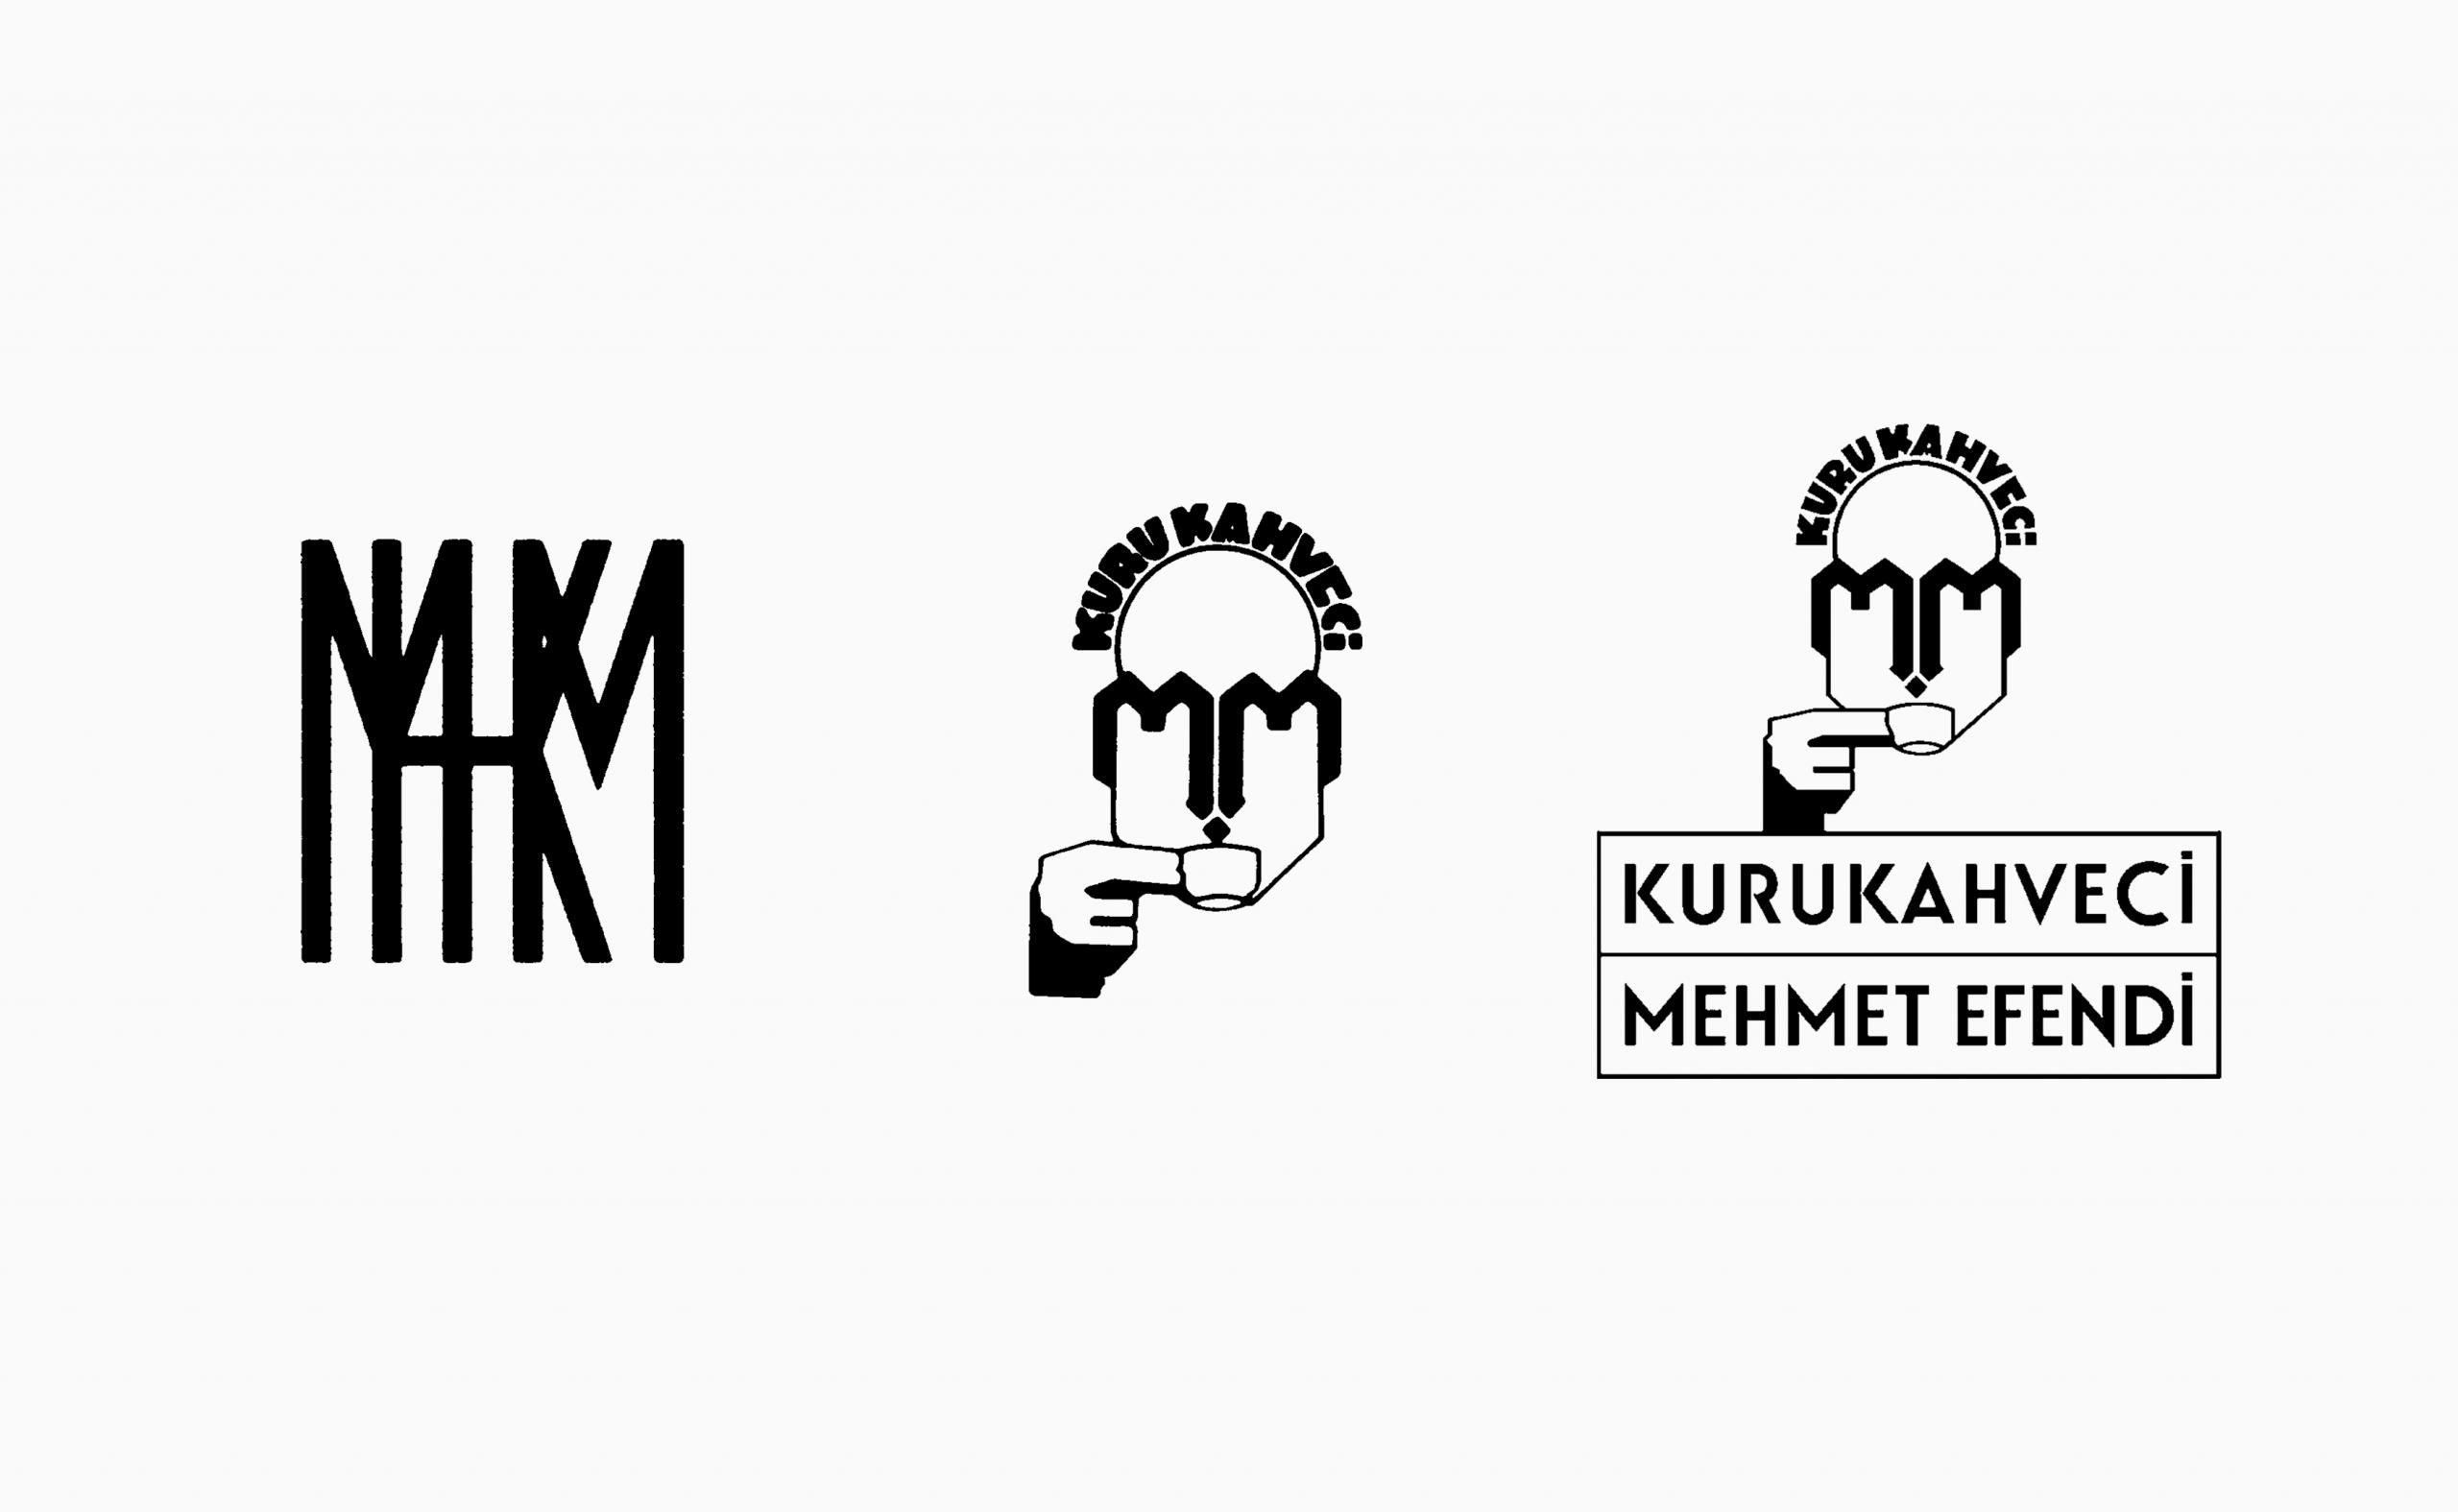 emretelli_kurukahveci-coffee_corporate_logo-evolve_3500